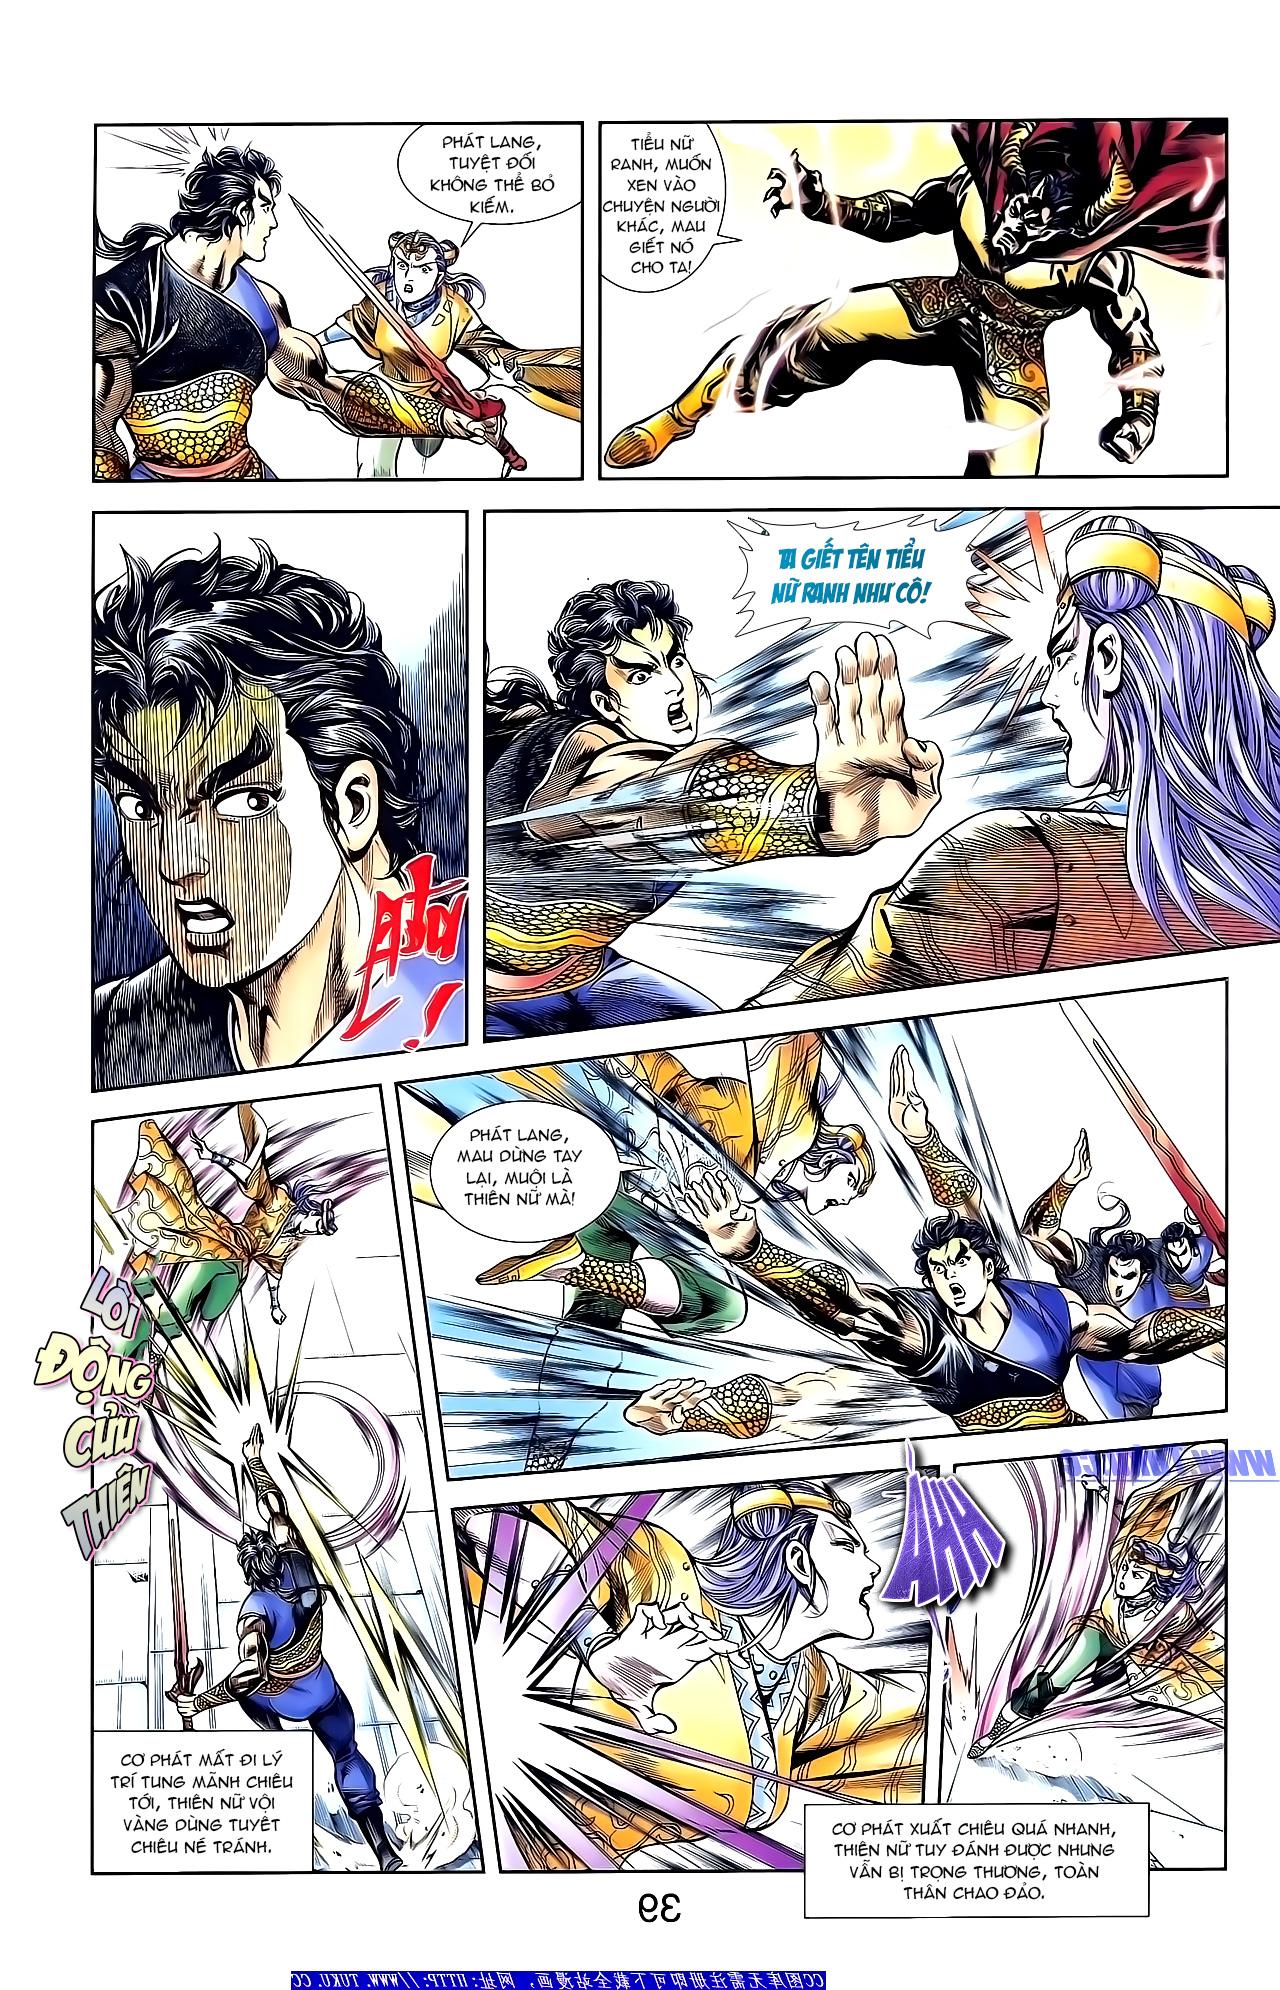 Cơ Phát Khai Chu Bản chapter 153 trang 23